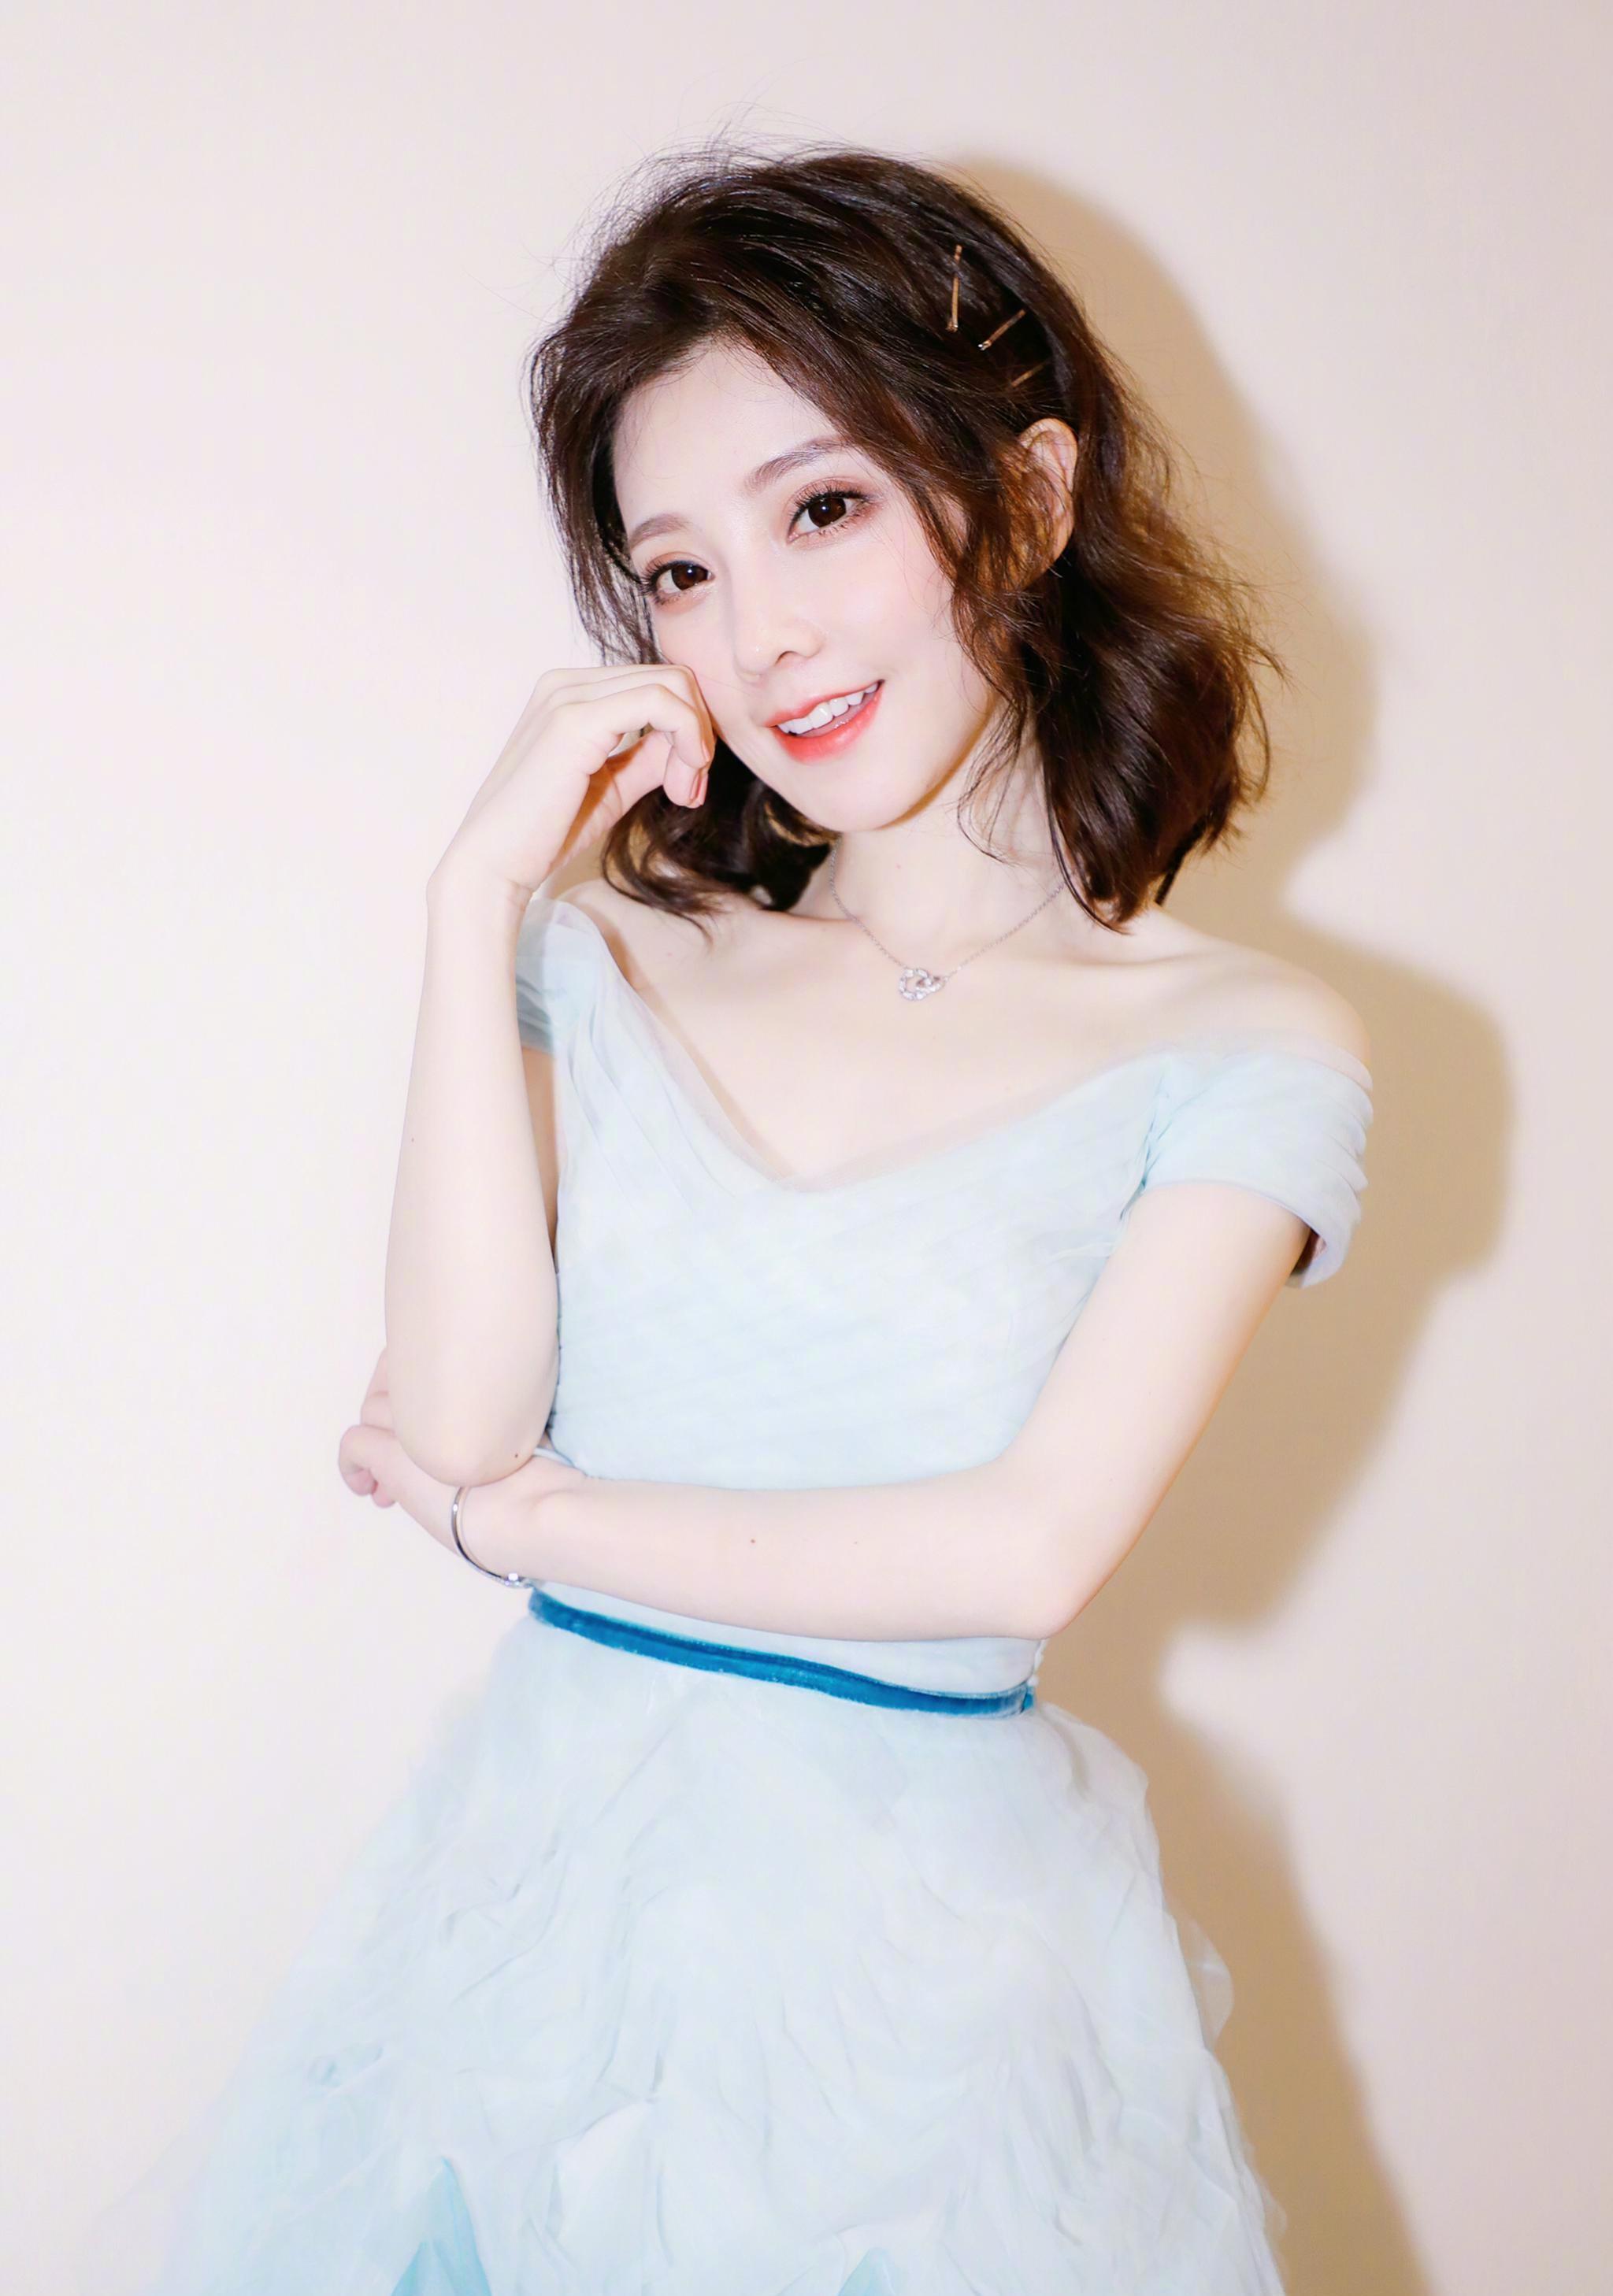 冯提莫灯火里的中国,红色旗袍好美,又又又上热搜了!(冯提莫旗袍现场)